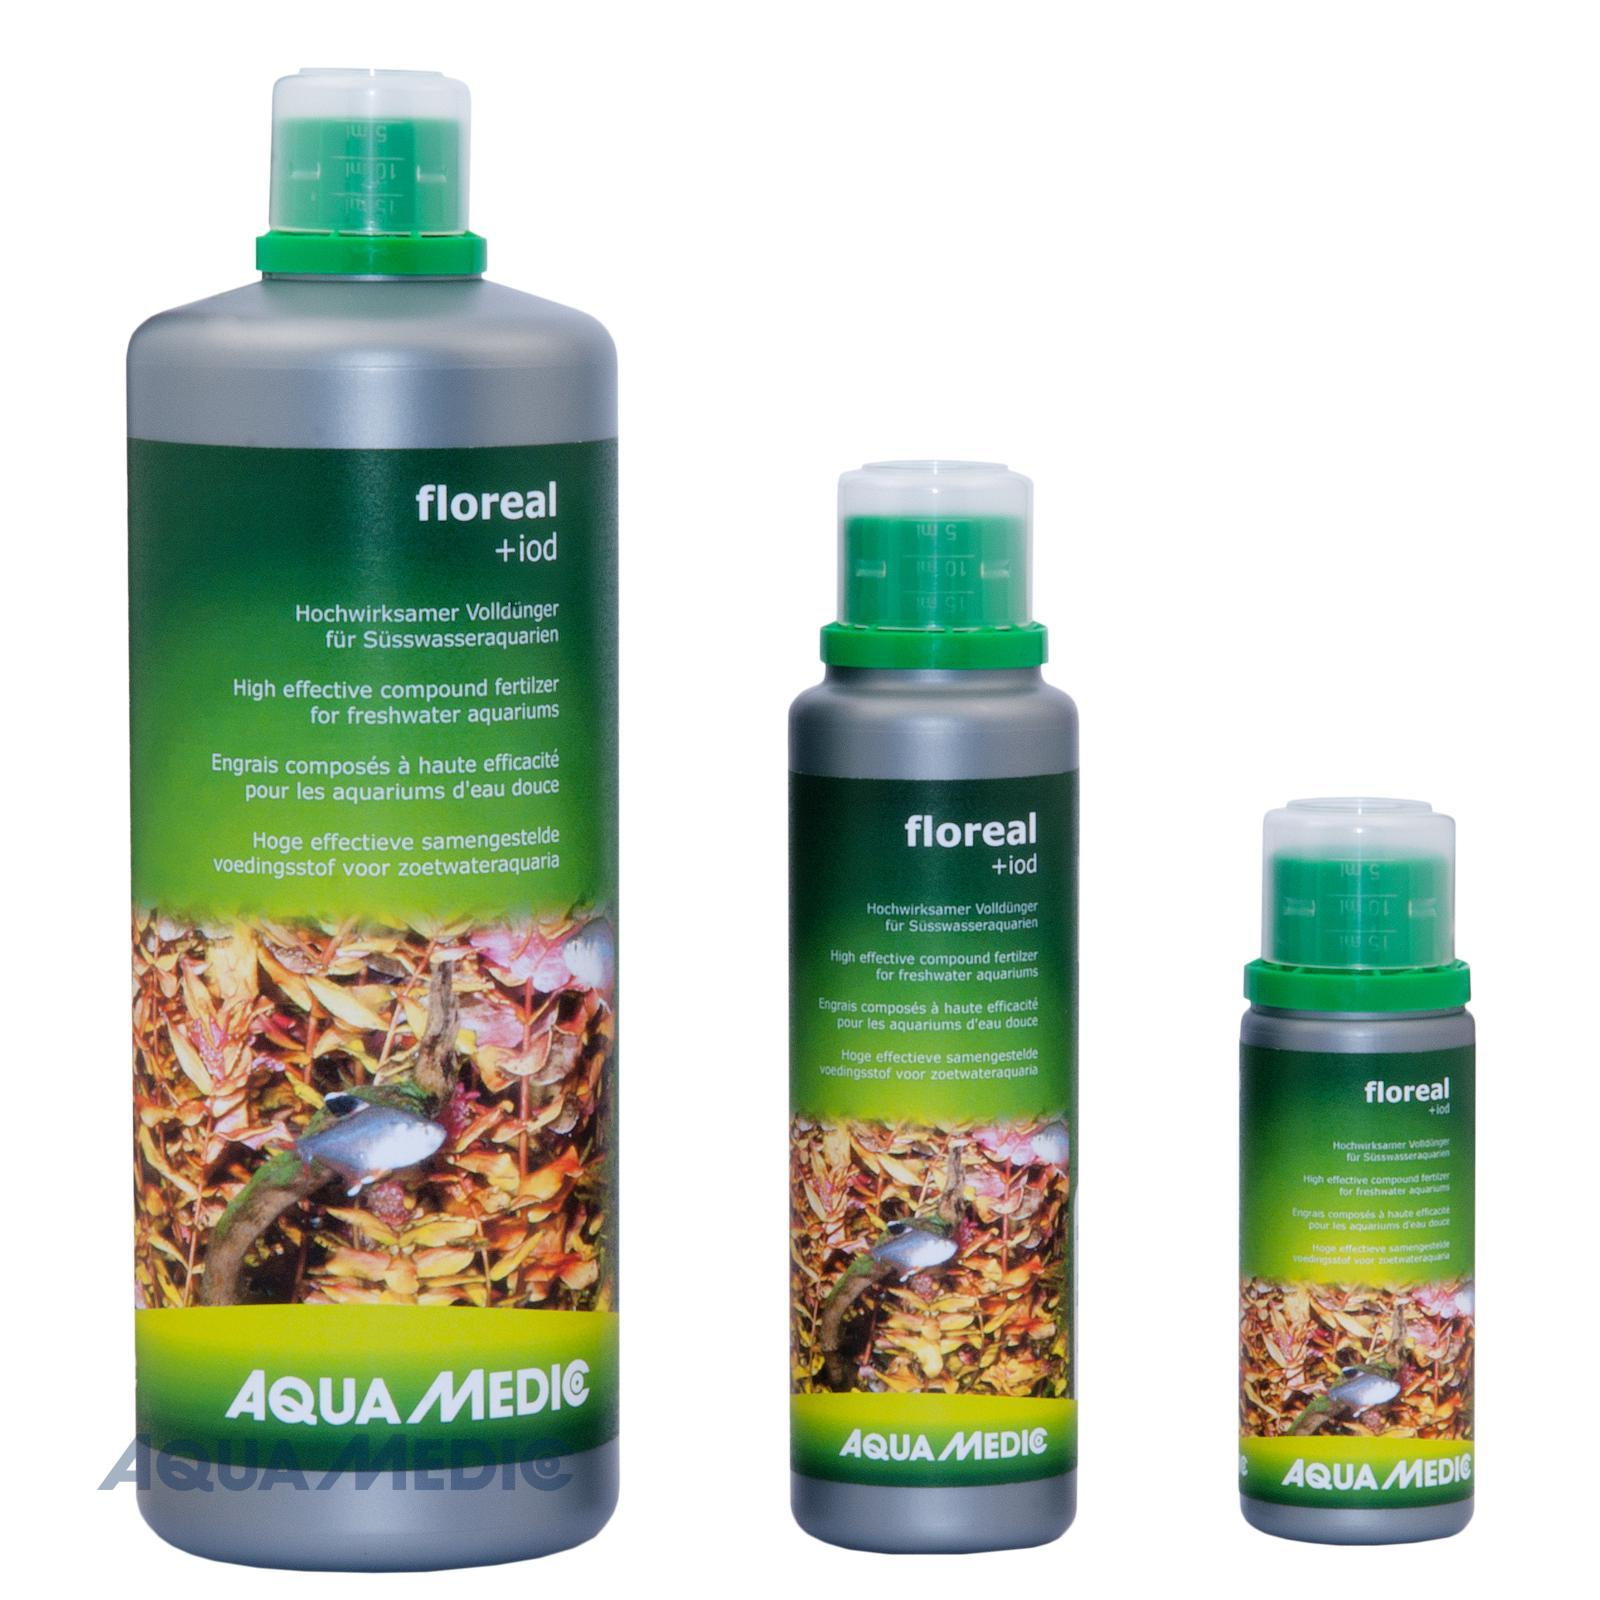 floreal + iod 1000 ml - Hochwirksamer Volldünger für Süßwasseraquarien